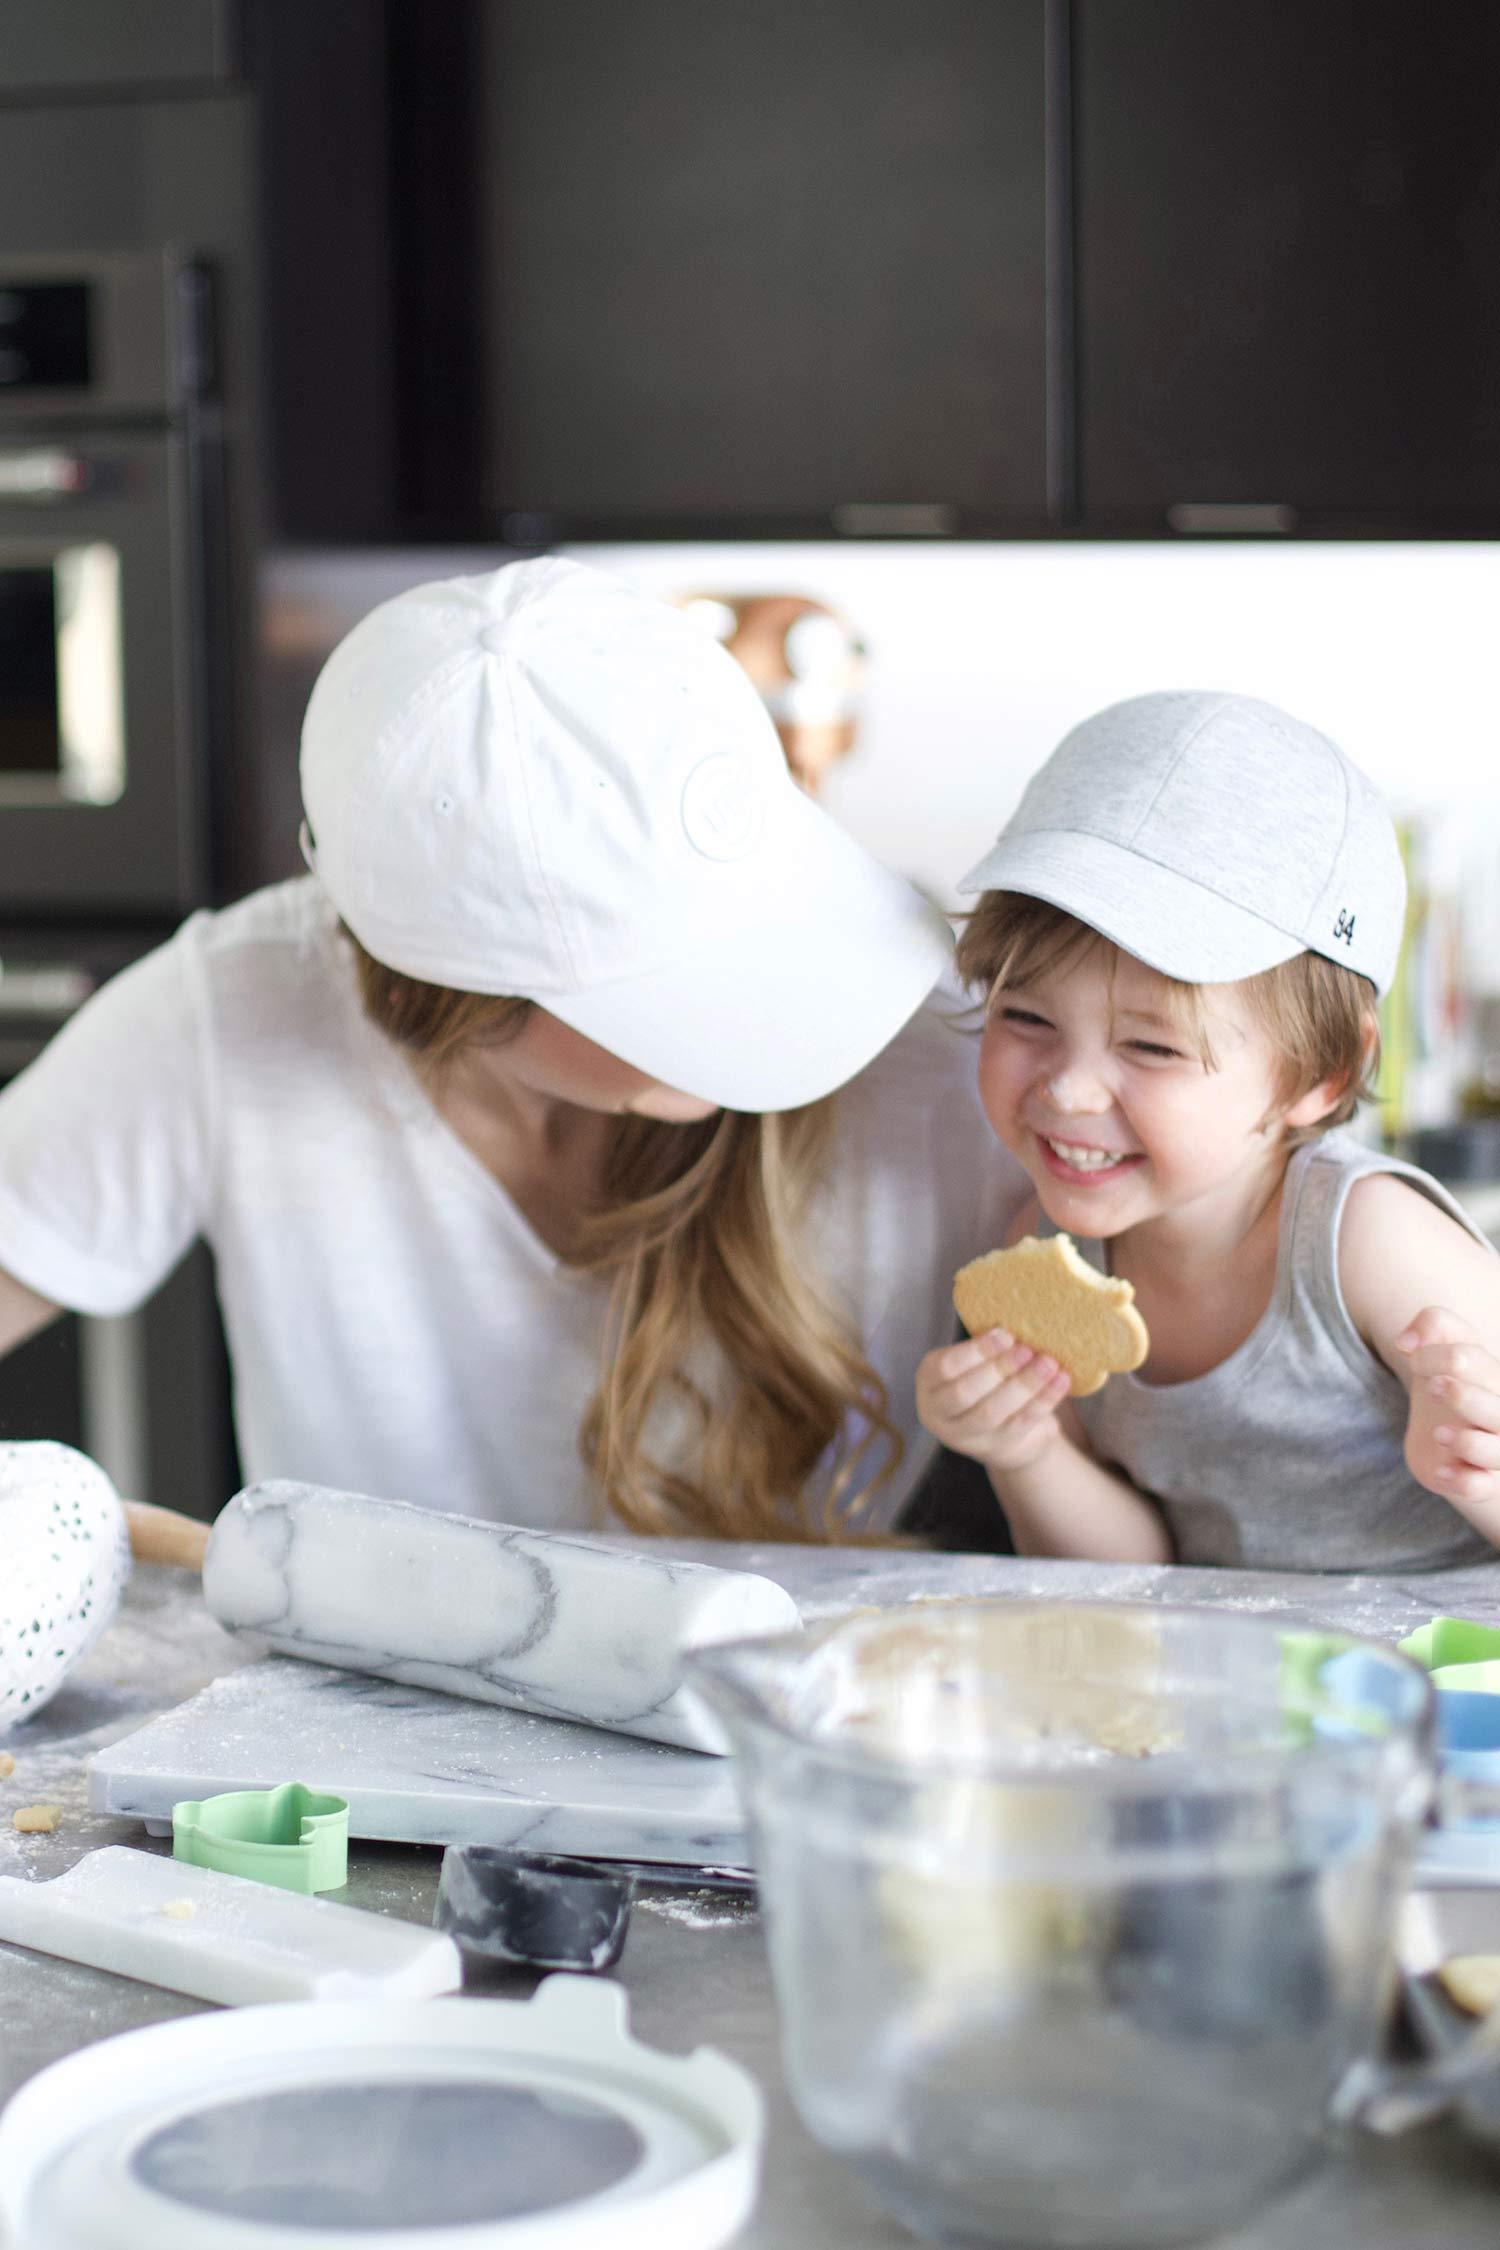 spring bake baking ideas for kids